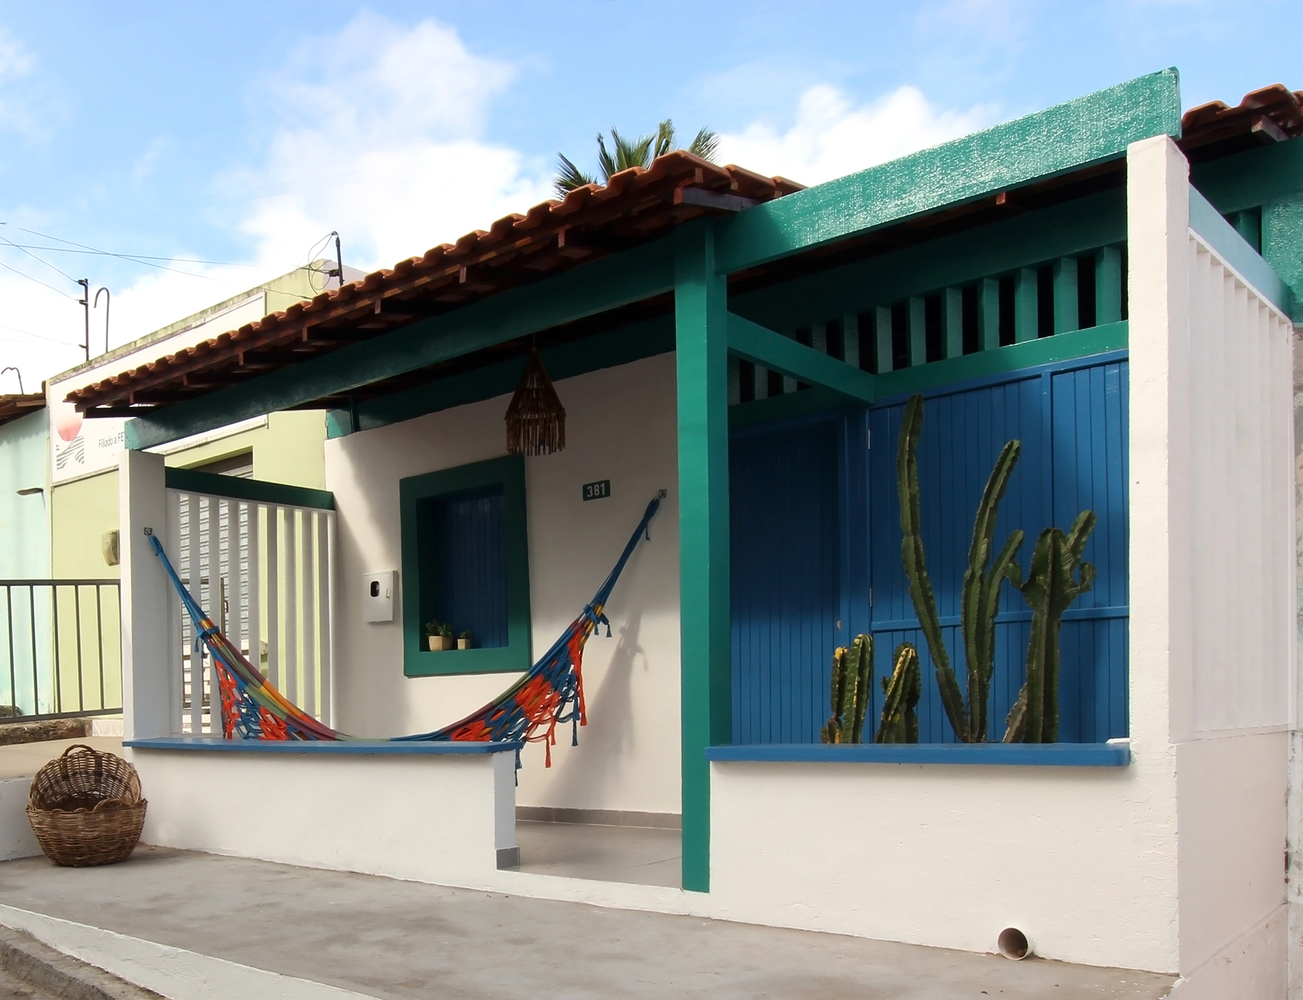 Cải tạo căn nhà cấp 4 hoang tàn cũ nát thành không gian màu xanh biển ấm cúng với ánh sáng tự nhiên ngập tràn - Ảnh 3.